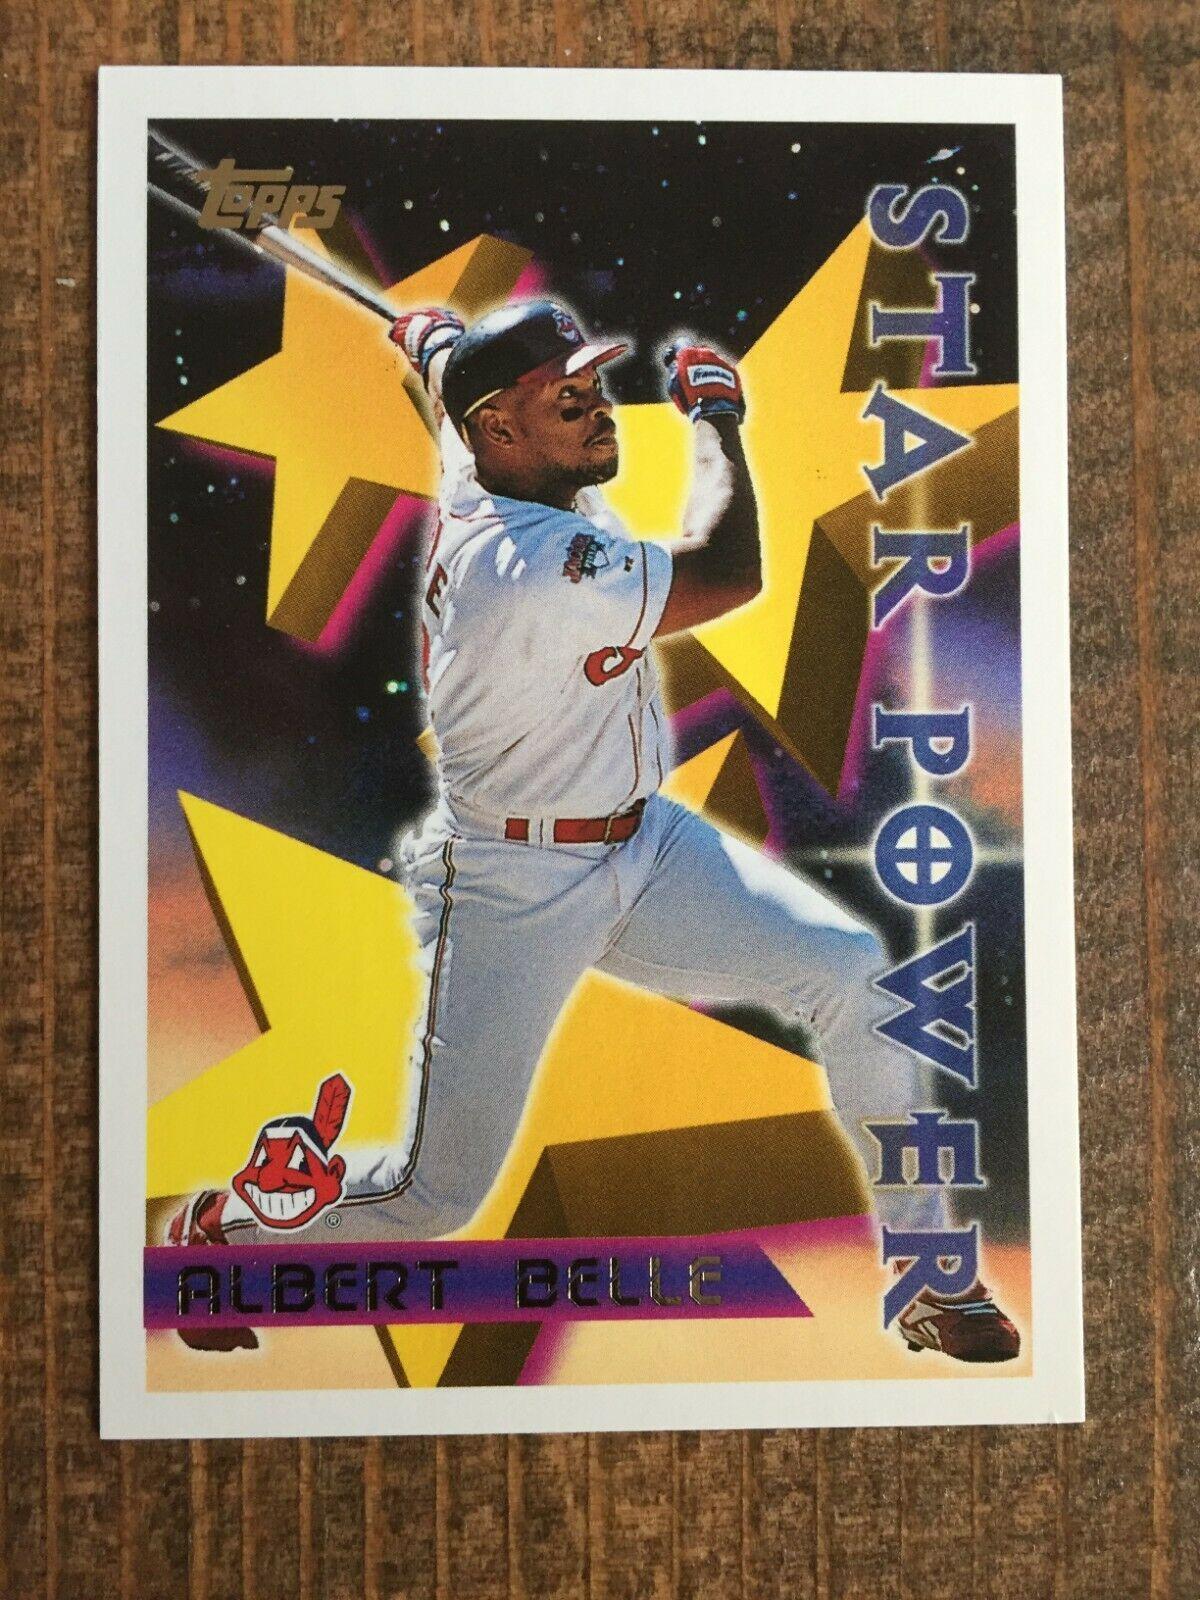 1996 Topps 223 Albert Belle Star Power Cleveland Indians Nm Nice Card In 2020 Cleveland Indians Indians Cards